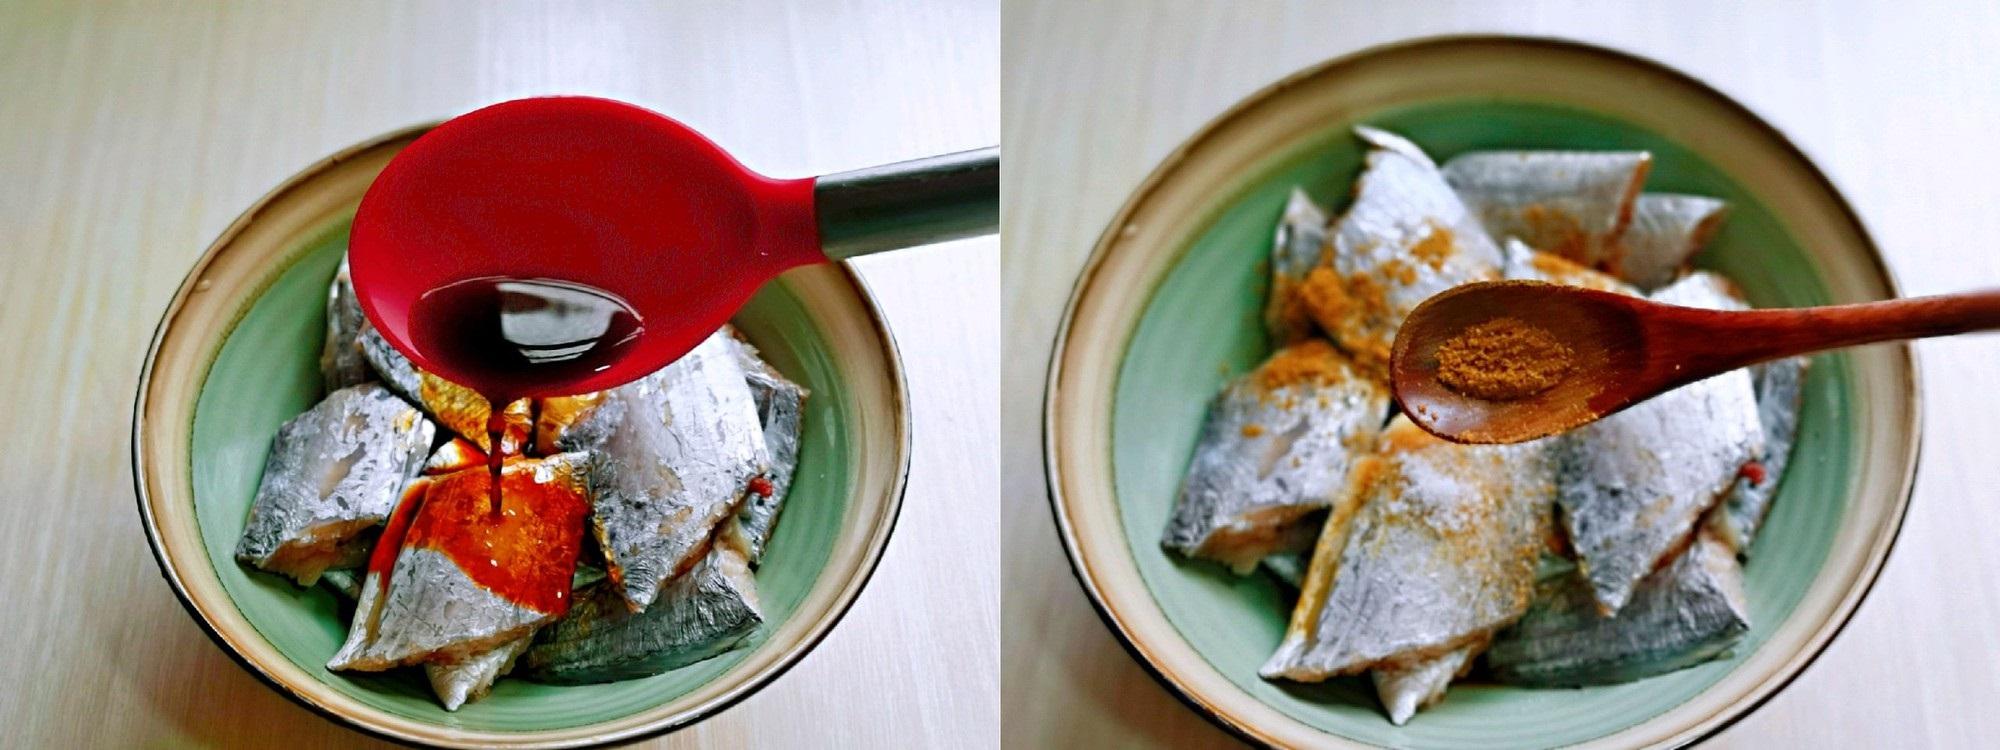 Mỗi lần tôi làm món cá rim mặn này là cơm hết nhanh đến 'hốt hoảng' - Ảnh 1